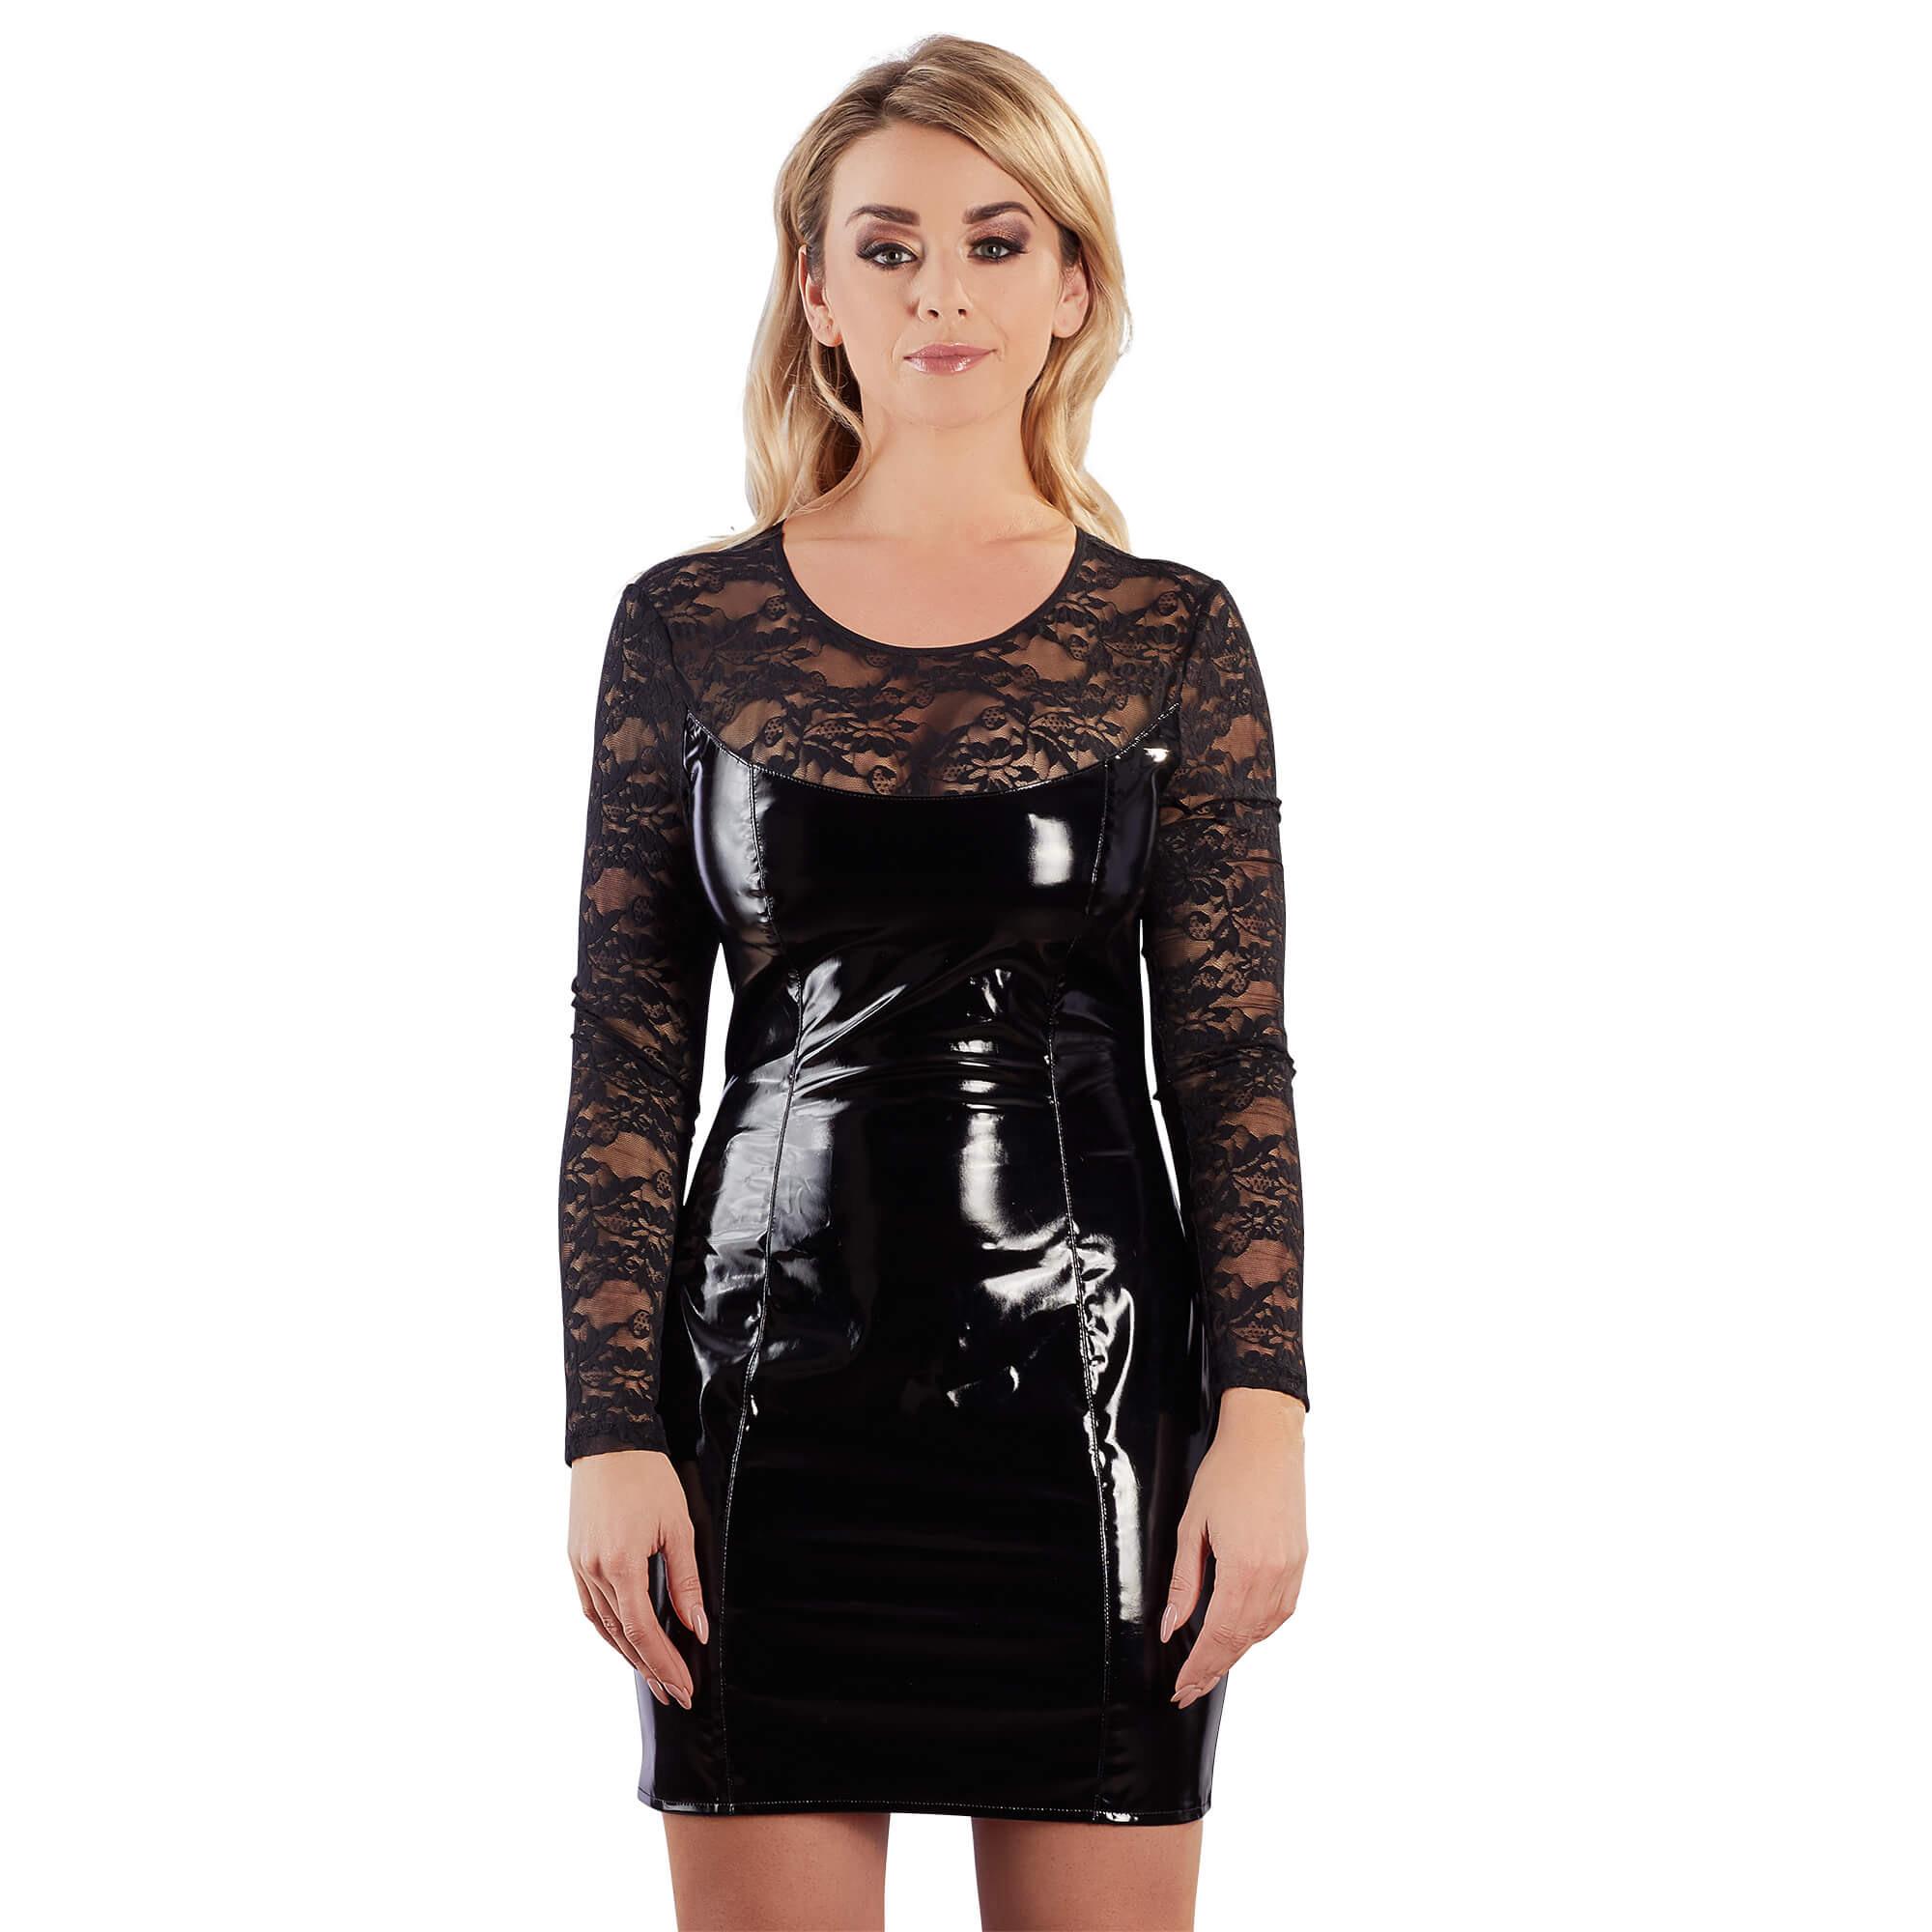 15 Top Kleid Mit Spitze Vertrieb Schön Kleid Mit Spitze Stylish